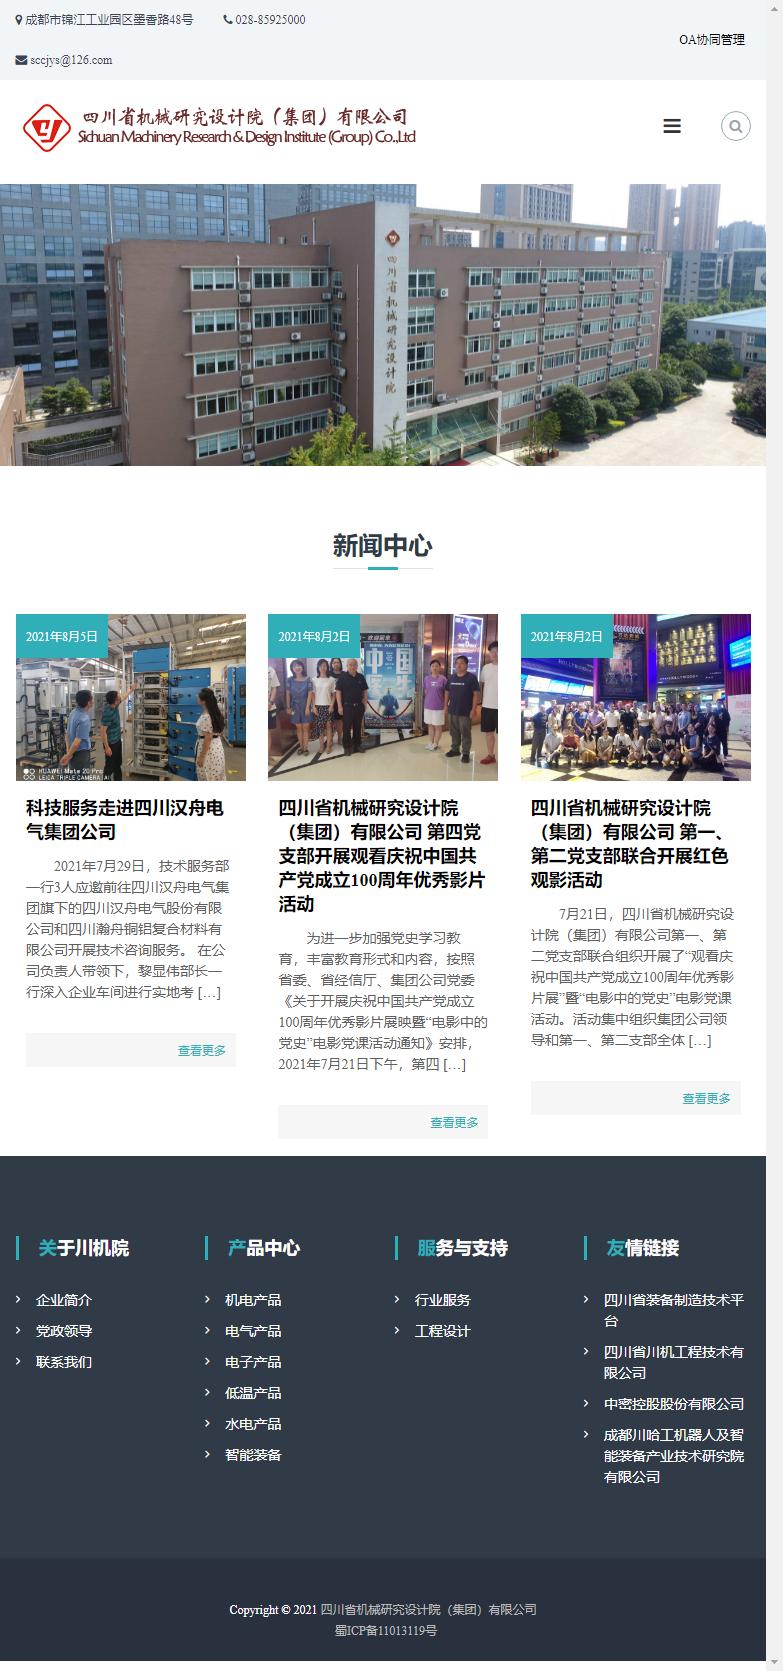 四川省机械研究设计院(集团)有限公司网站案例